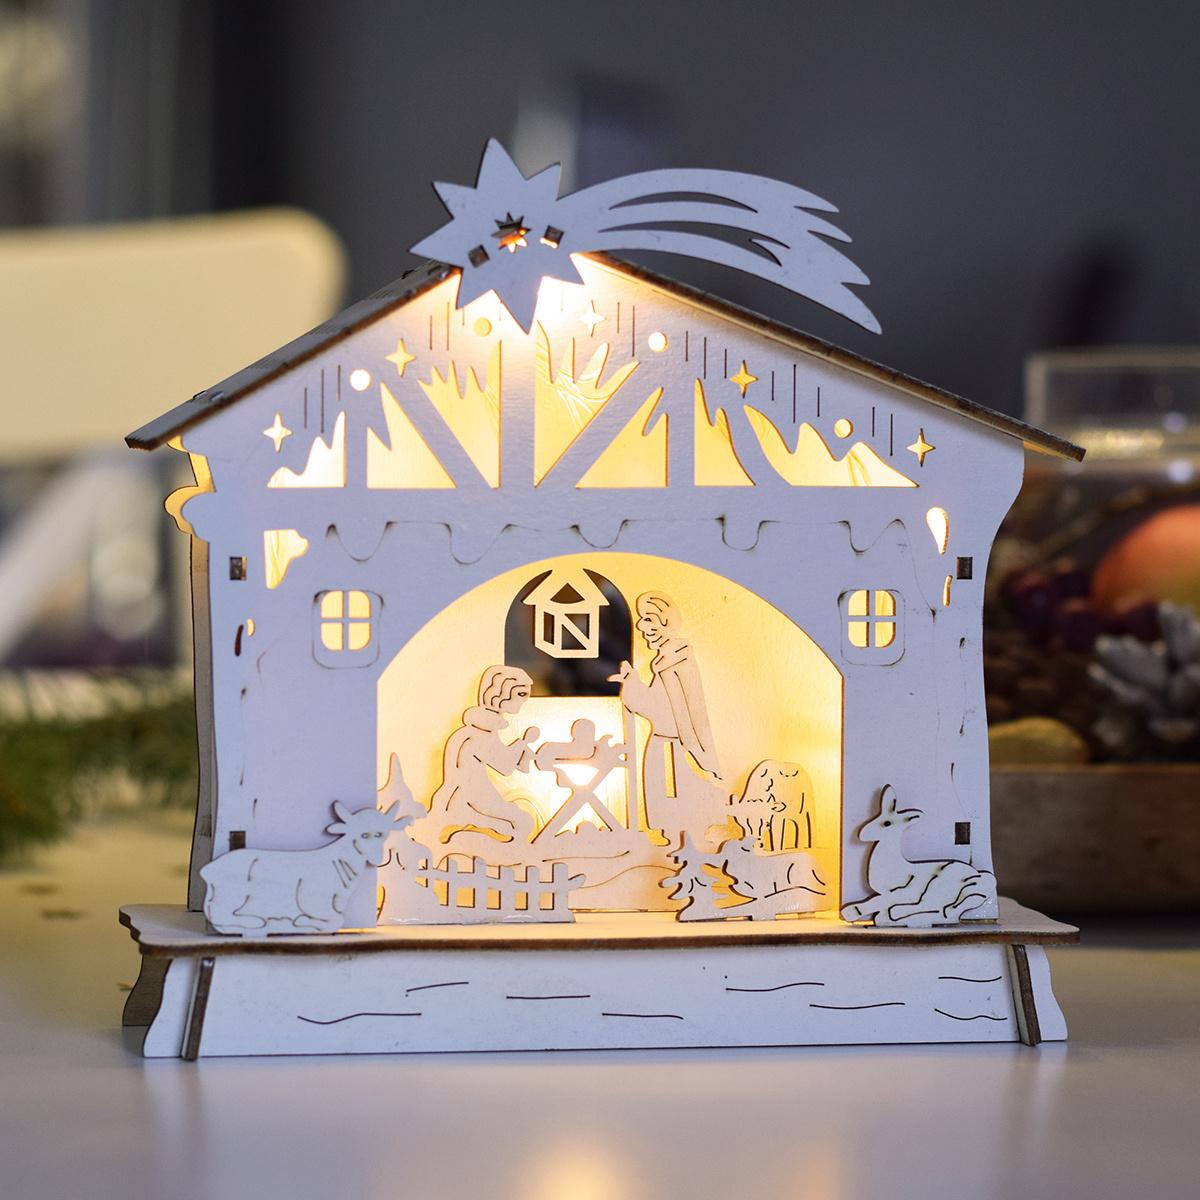 Dřevěný domeček - Vánoční dekorace - 2 designy sáně motiv